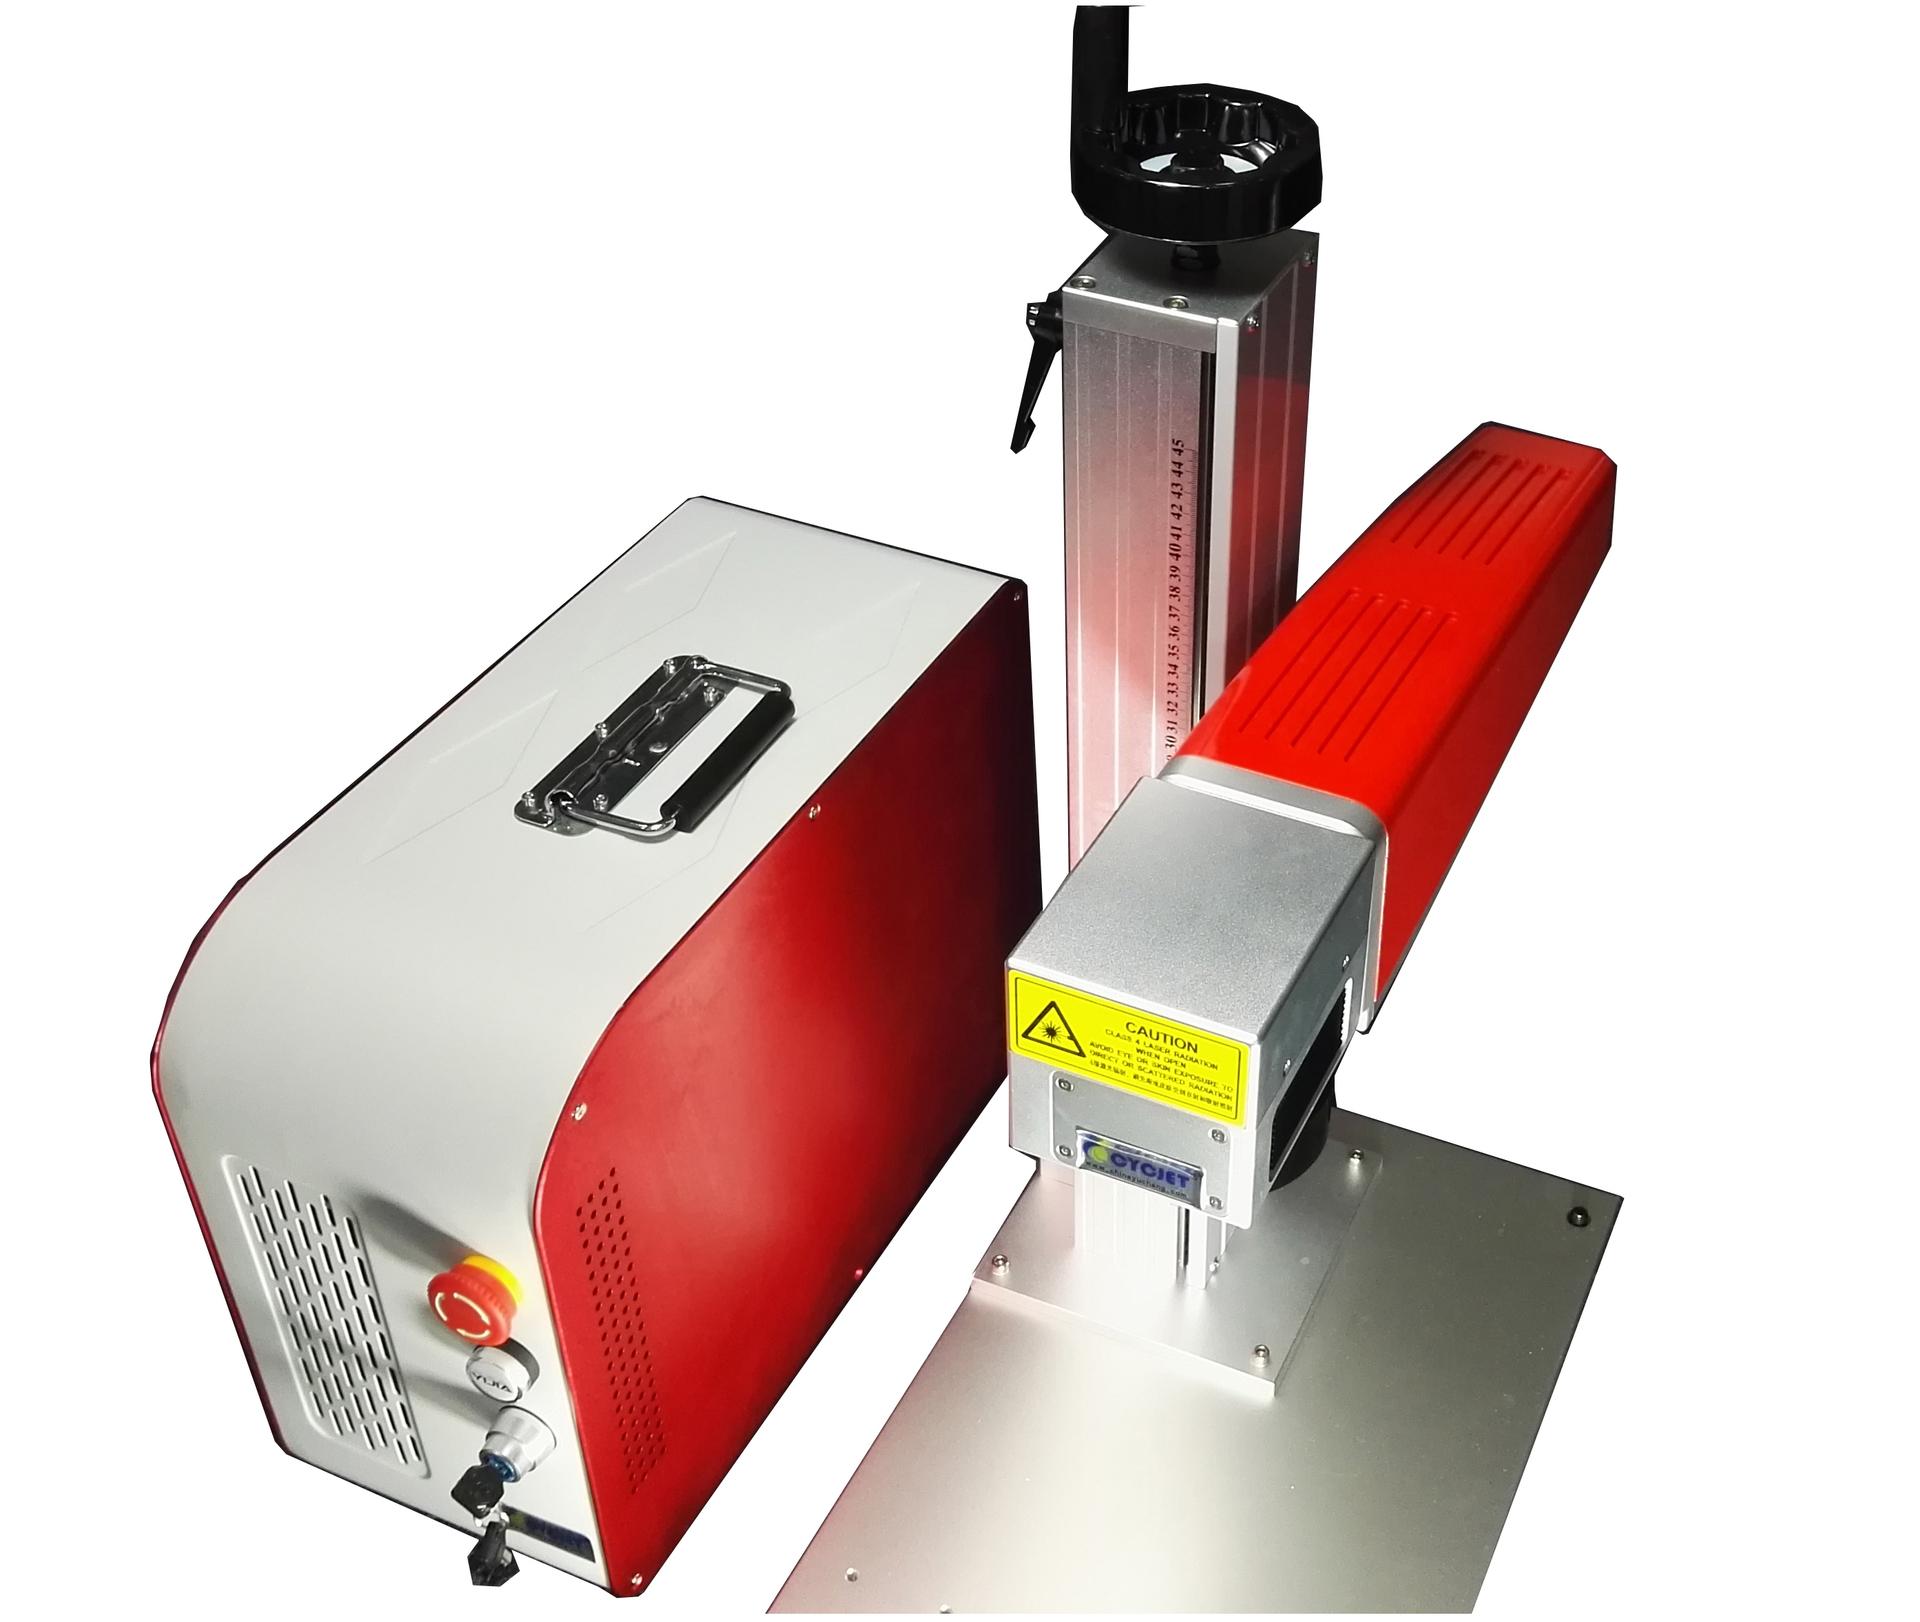 CYCJET Laser Engraving Machine